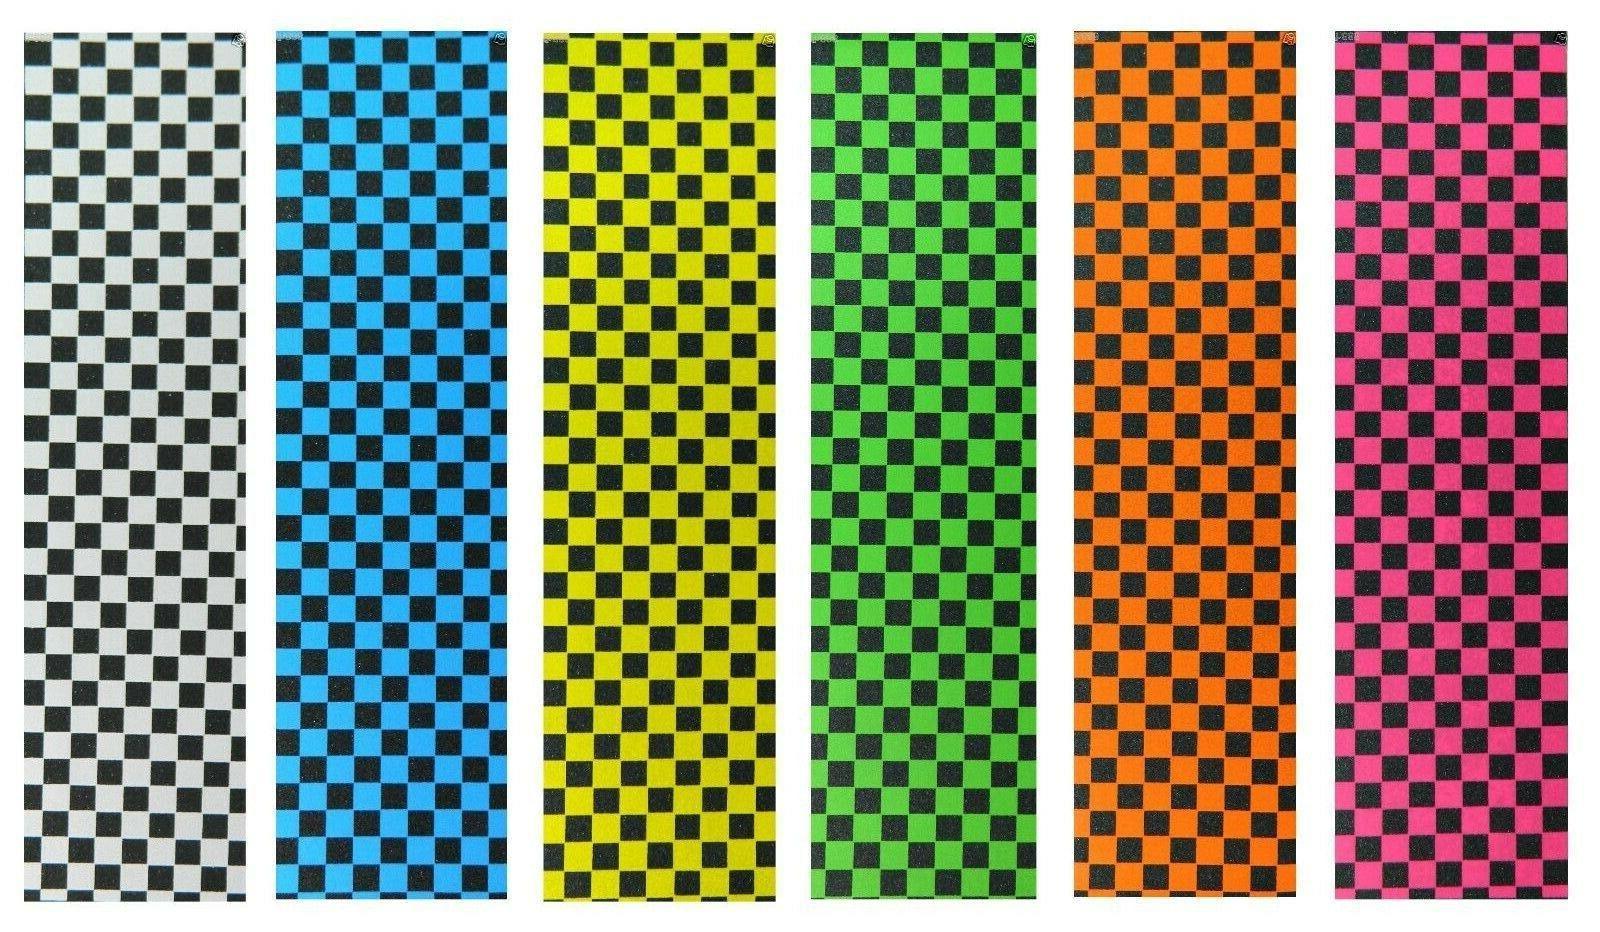 jessup quality skateboard checker grip tape 9